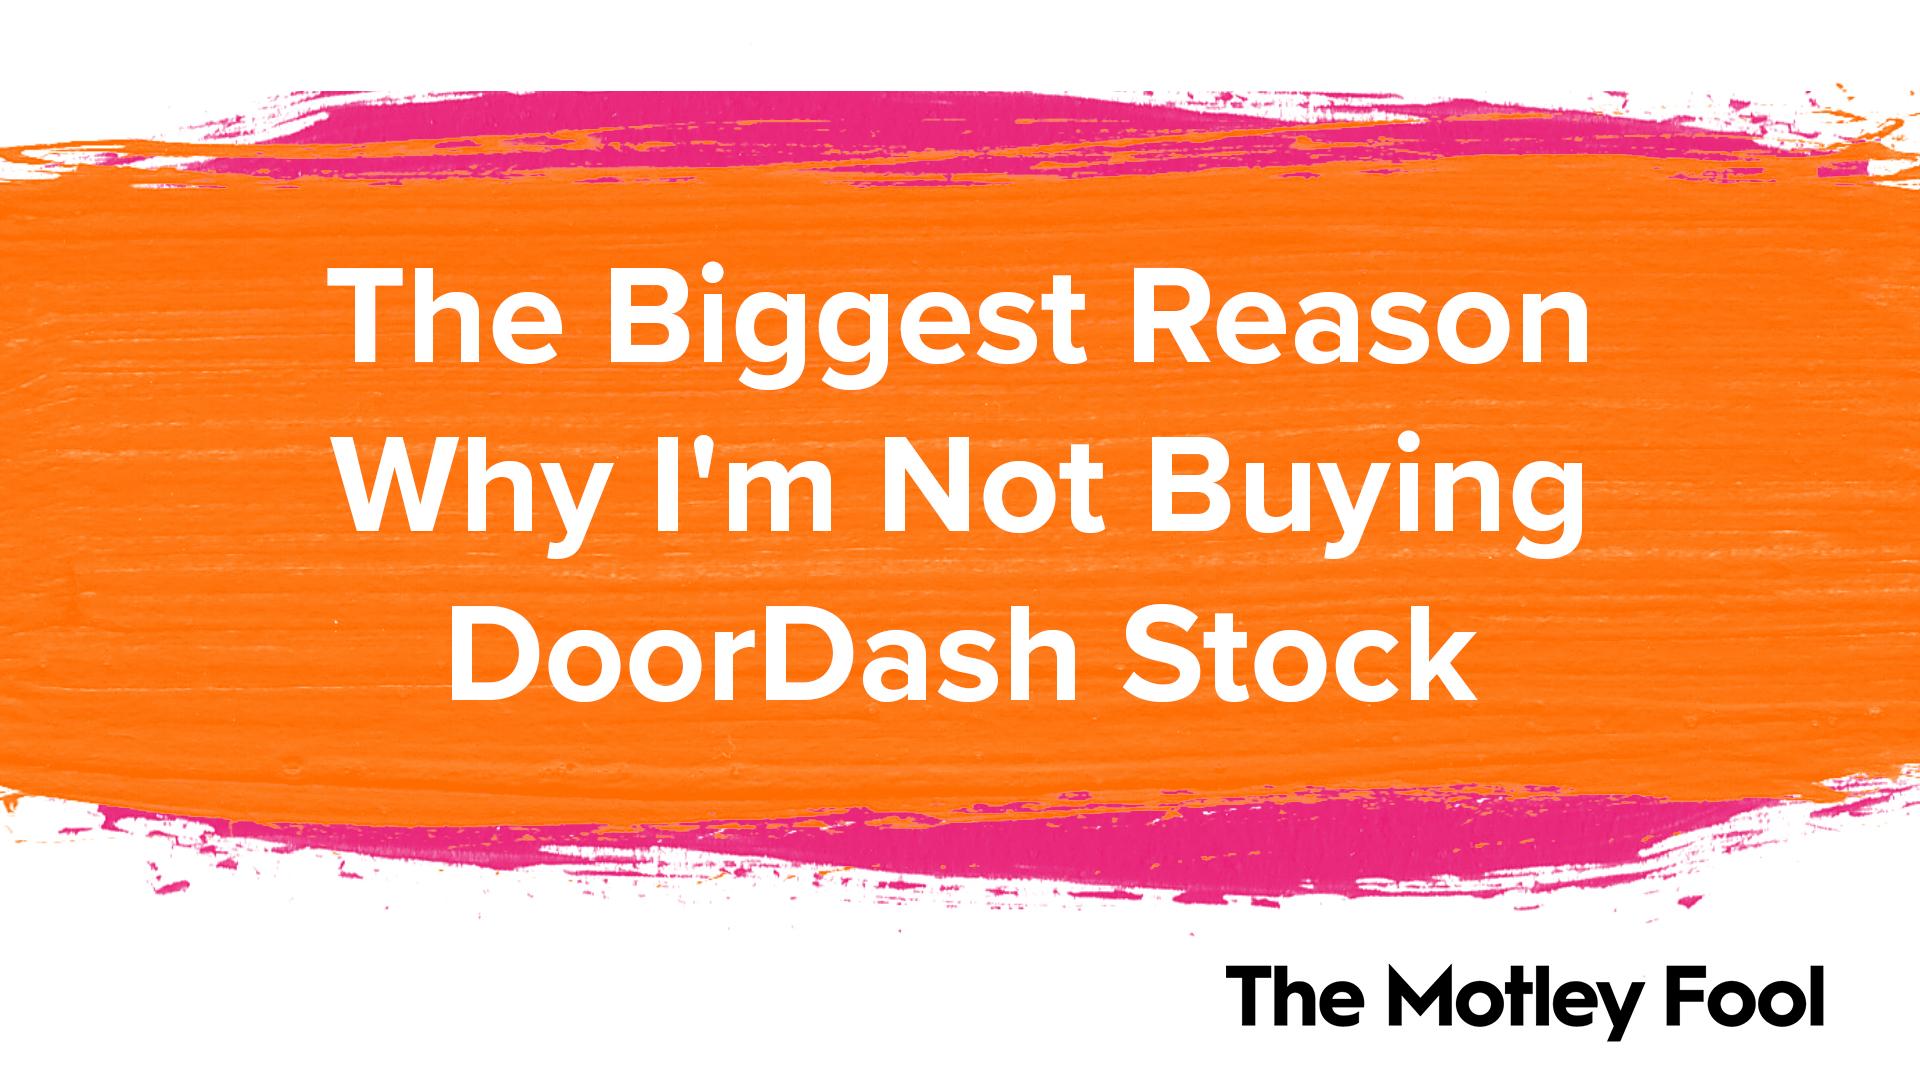 The Biggest Reason I'm Not Buying DoorDash Stock